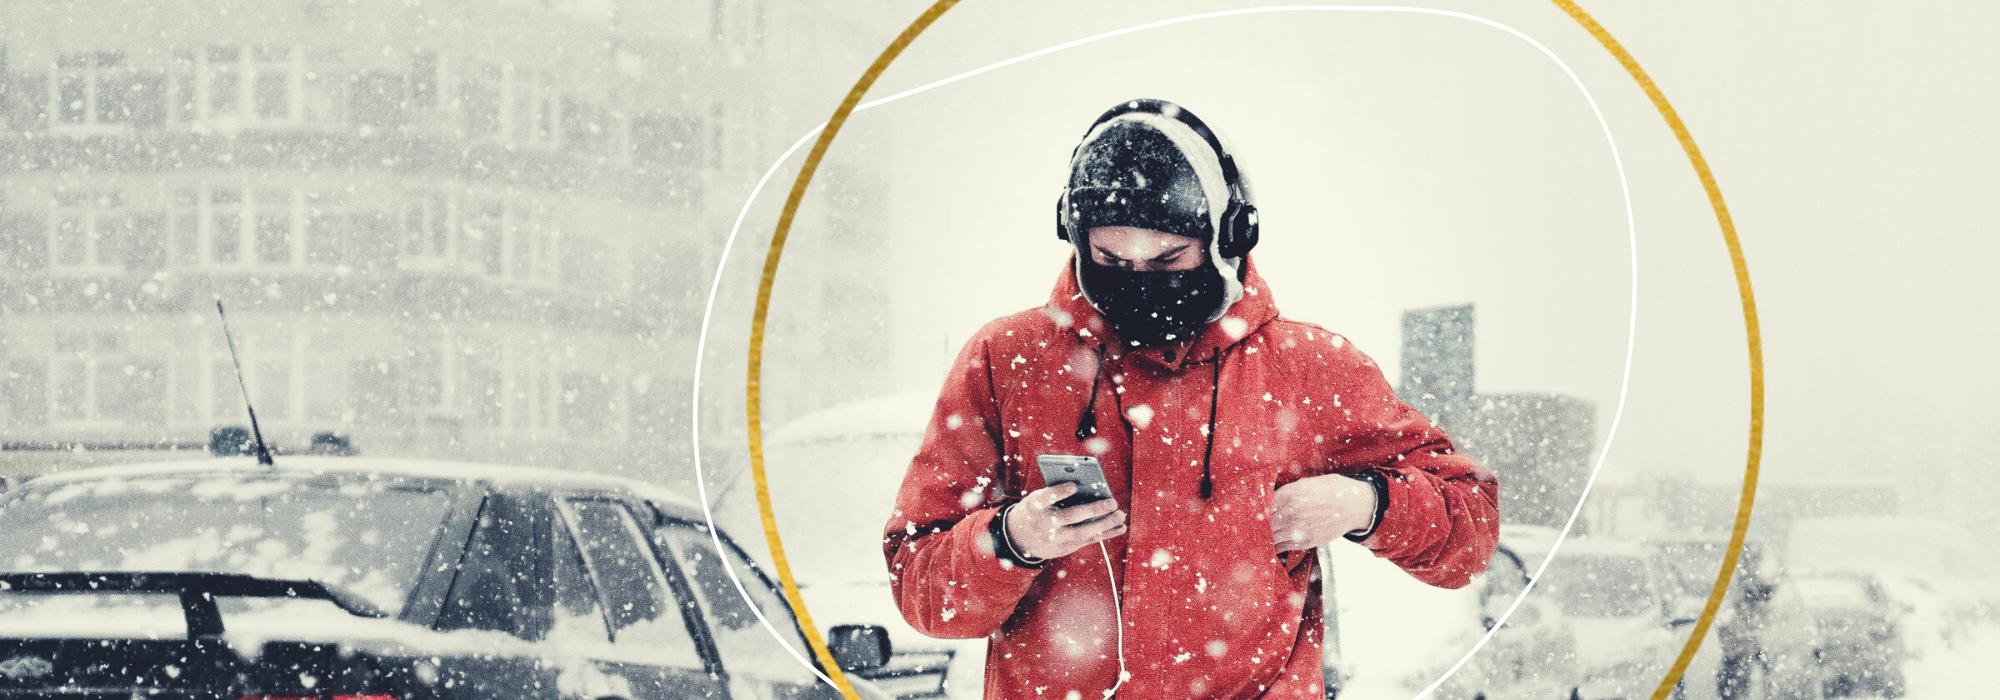 musik header - Musik durch den Winter